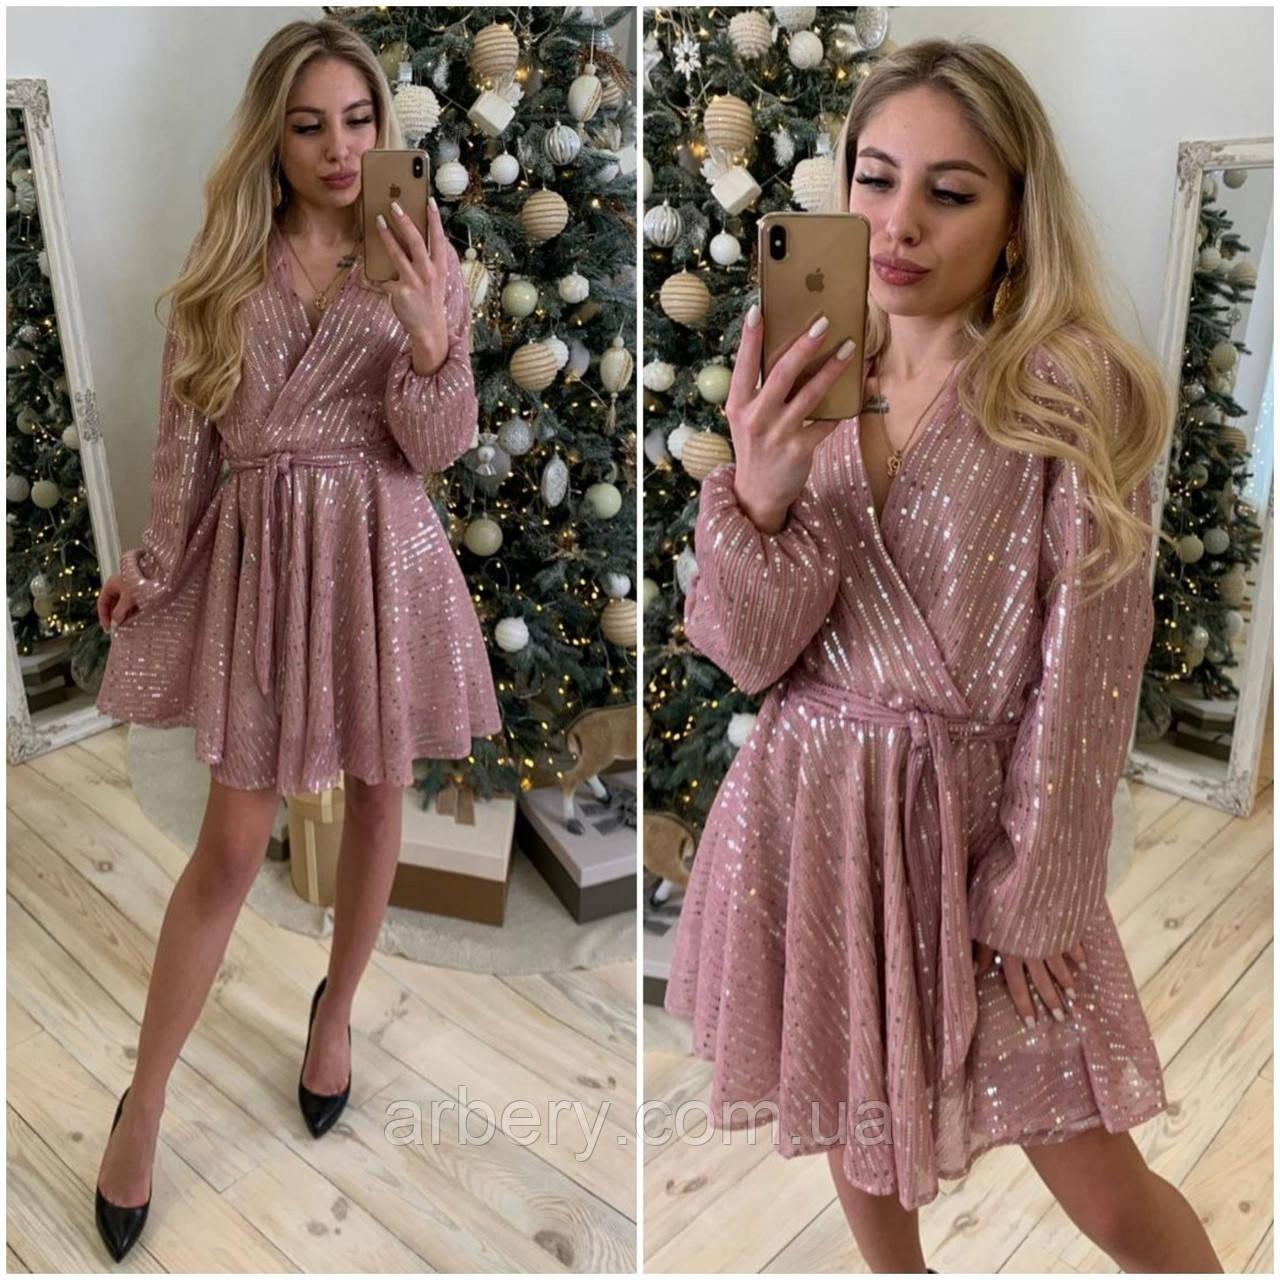 Шикарное блестящее платье с пышной юбкой